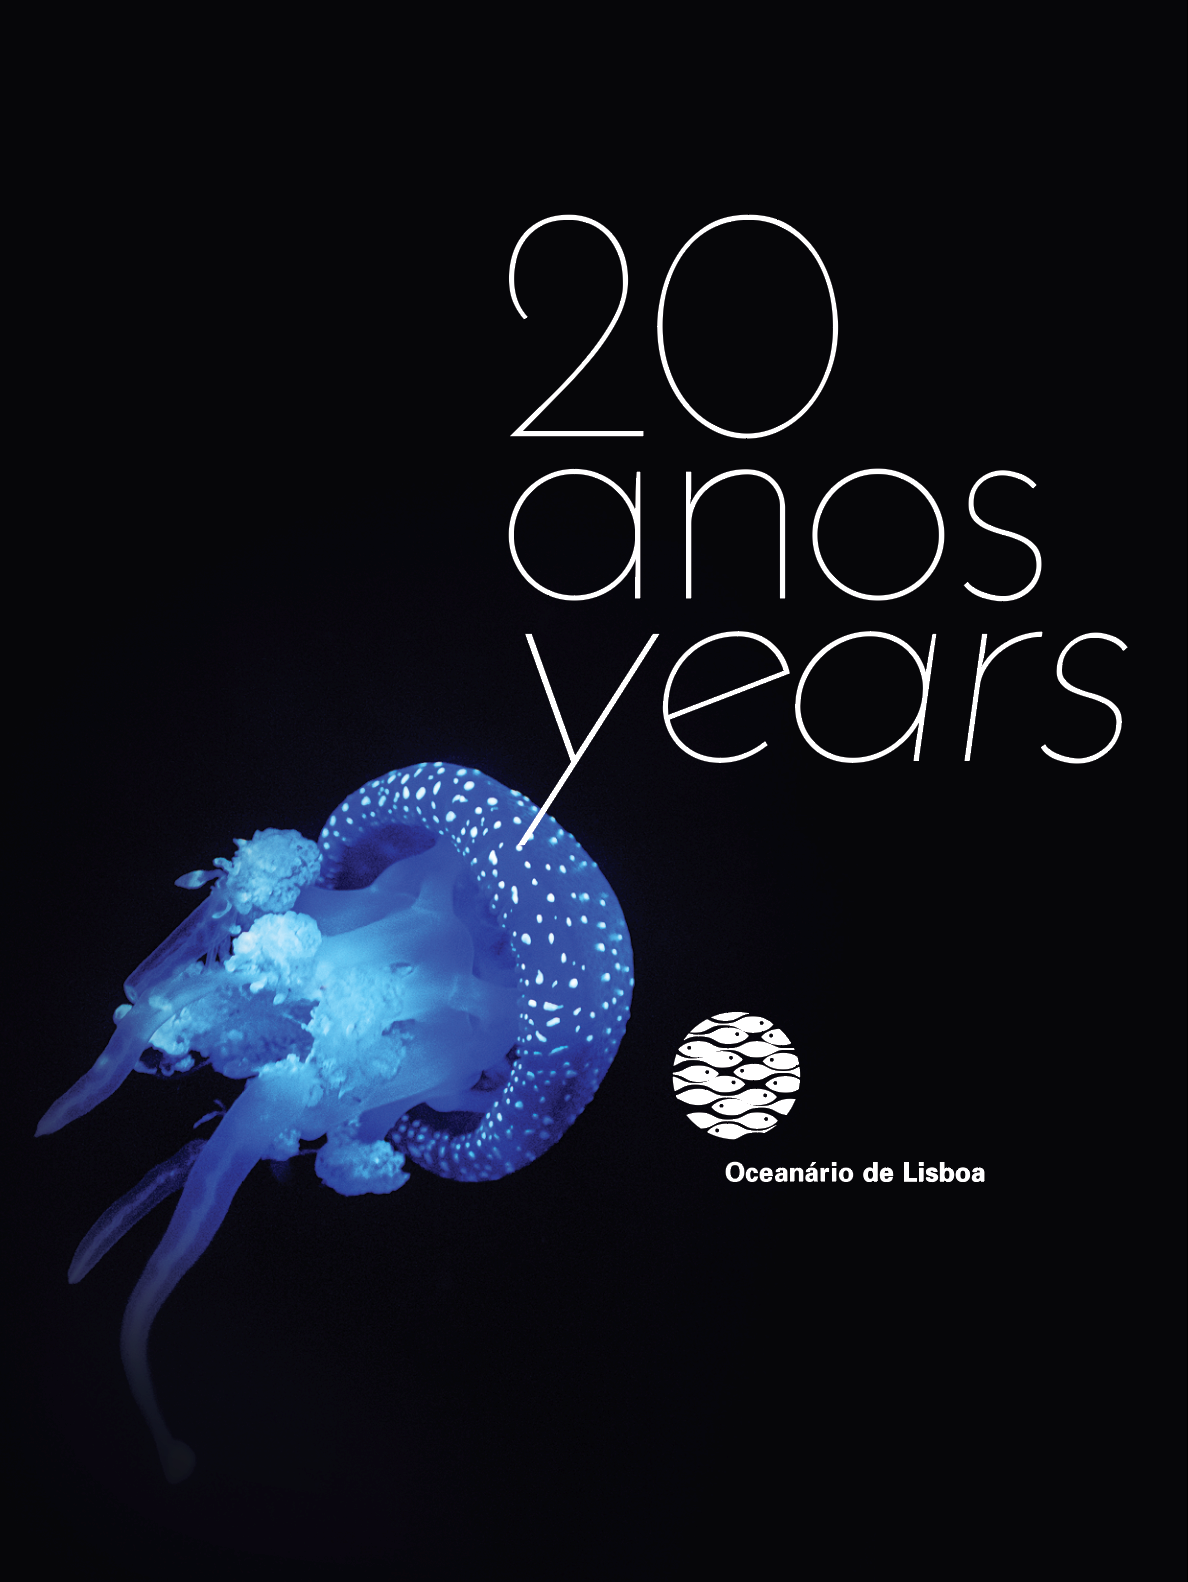 Capa Livro 20 anos (002).png